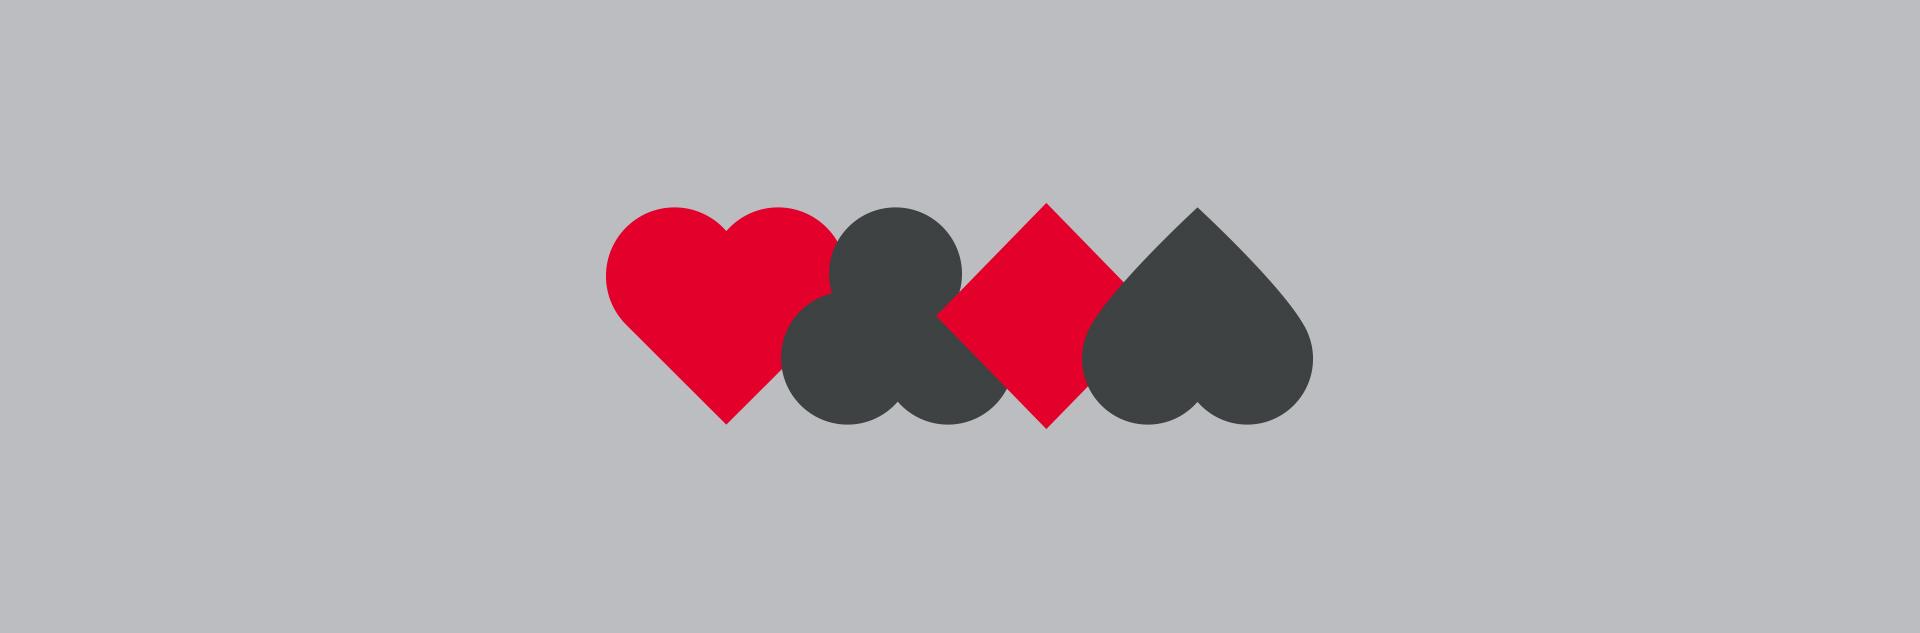 HighRoller casino review CA